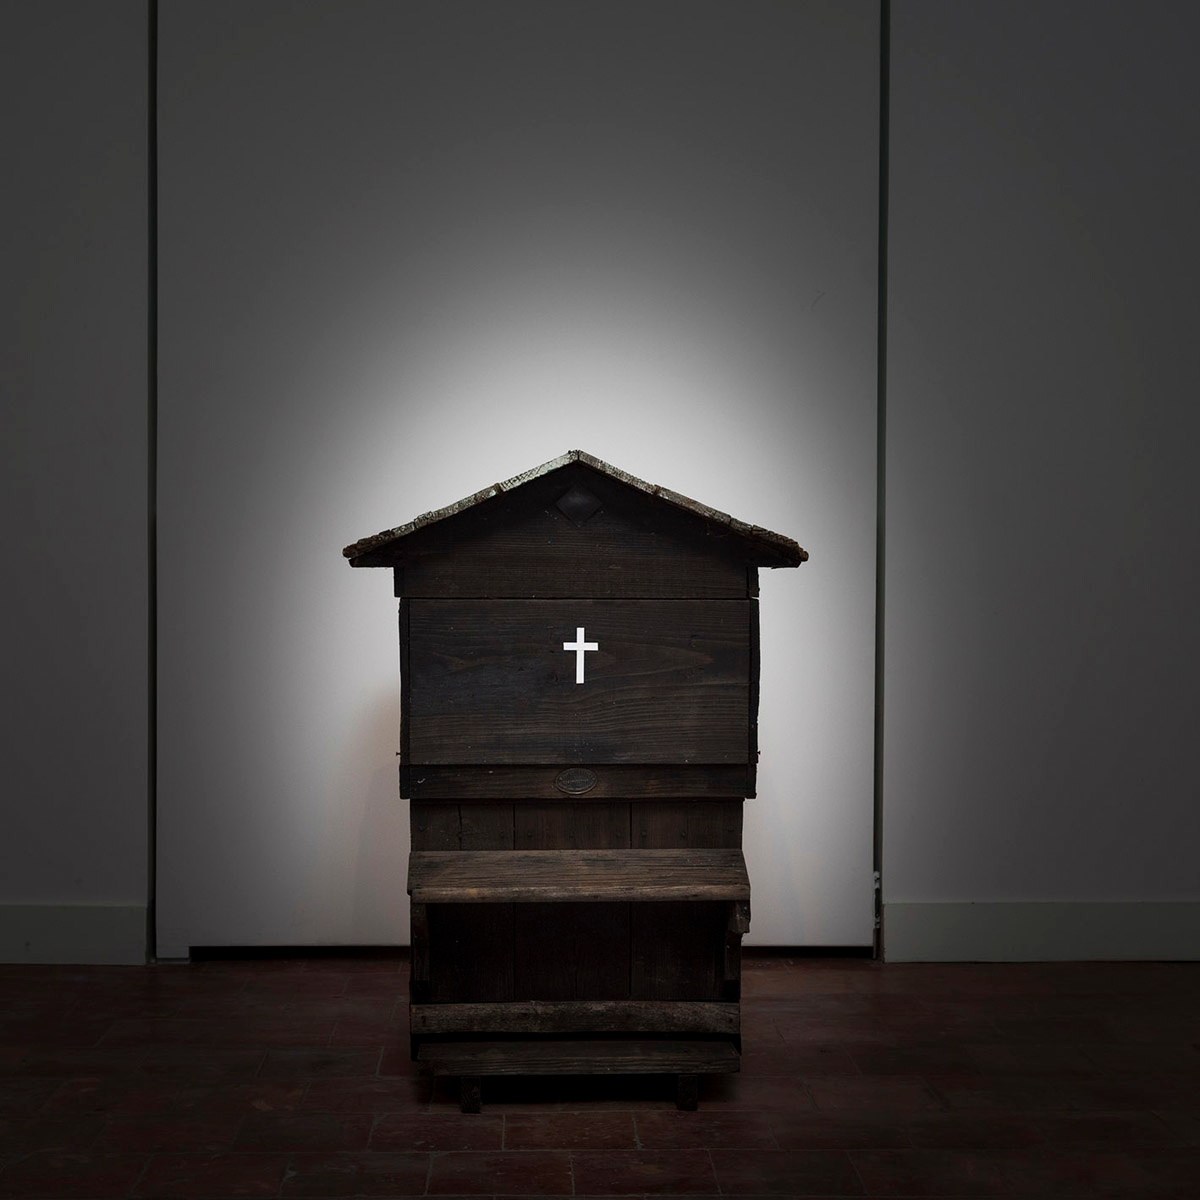 La photographie montre une ruche sombre ornée d'une croix blanche